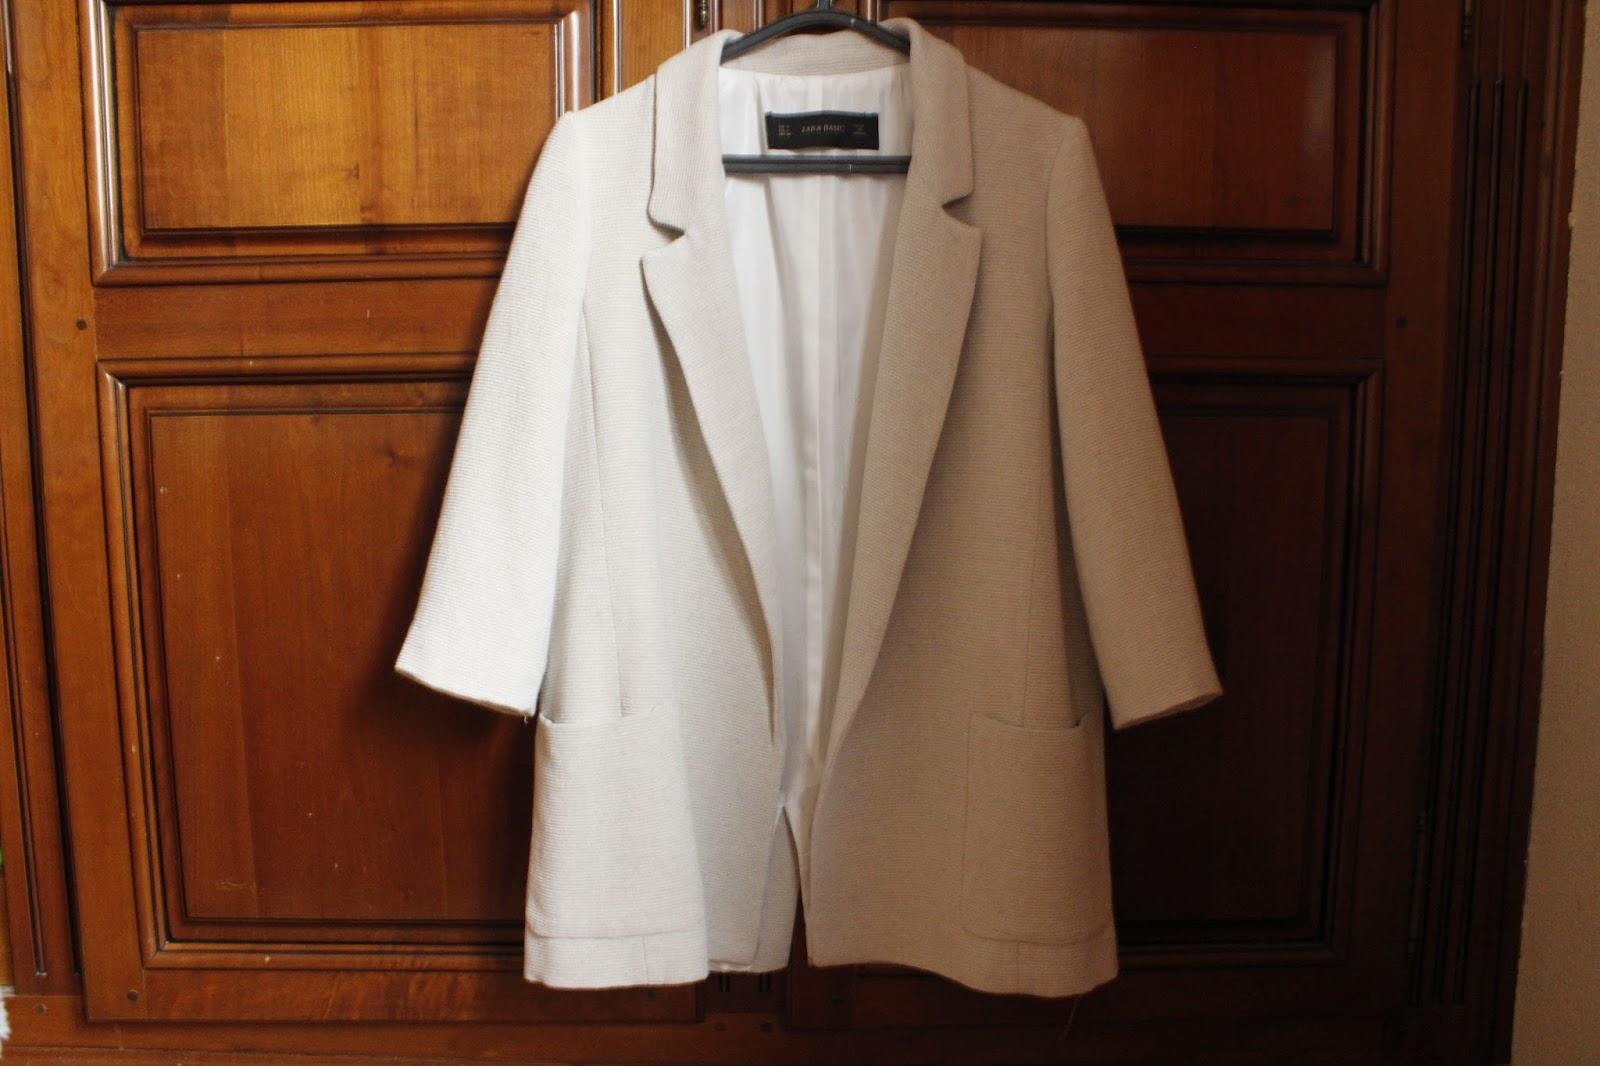 d7e51553d118 Também da Zara touxe esta blusa branca com o bordado em renda no topo. Já  tinha esta versão em preto mas como gosto tanto